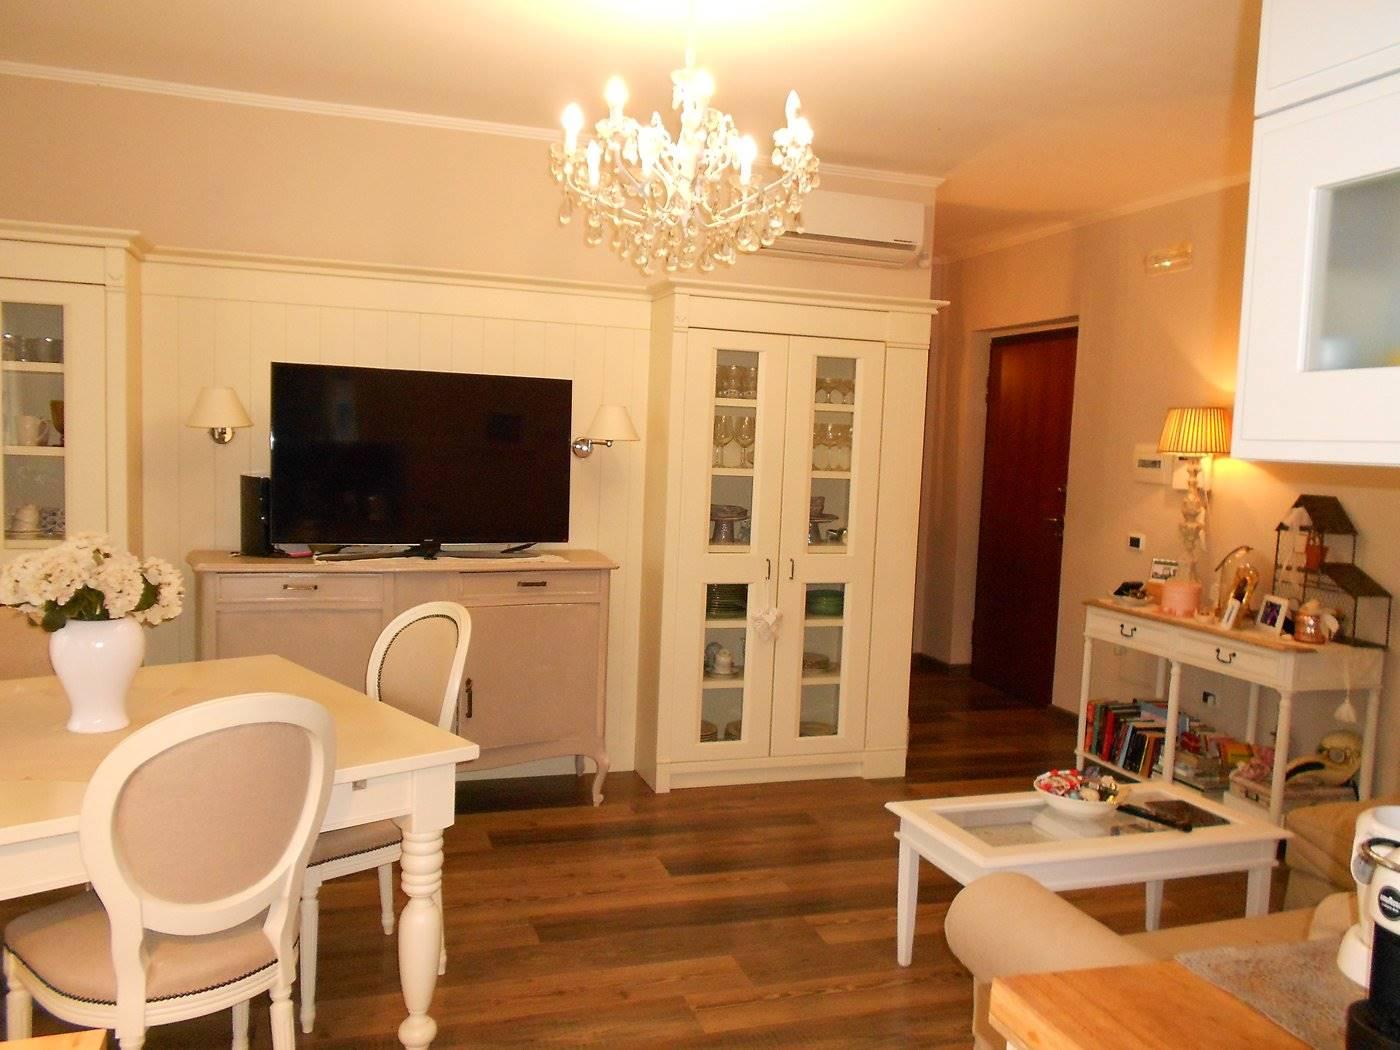 Appartamento in vendita a Spoleto, 3 locali, zona Località: PRIMA PERIFERIA, prezzo € 159.000 | CambioCasa.it